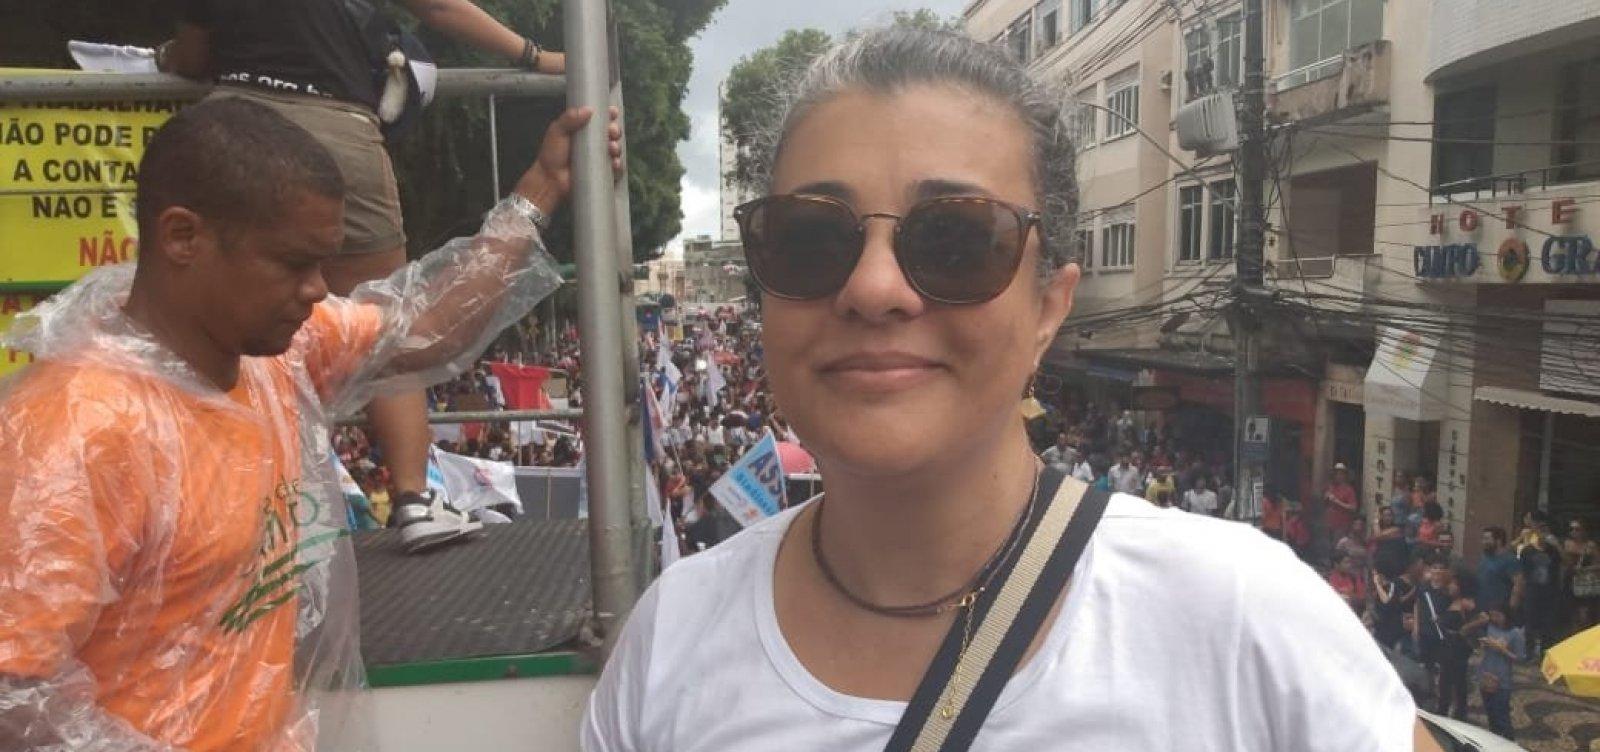 [Cortes do governo Bolsonaro são decisão 'política', diz presidente da Apub]